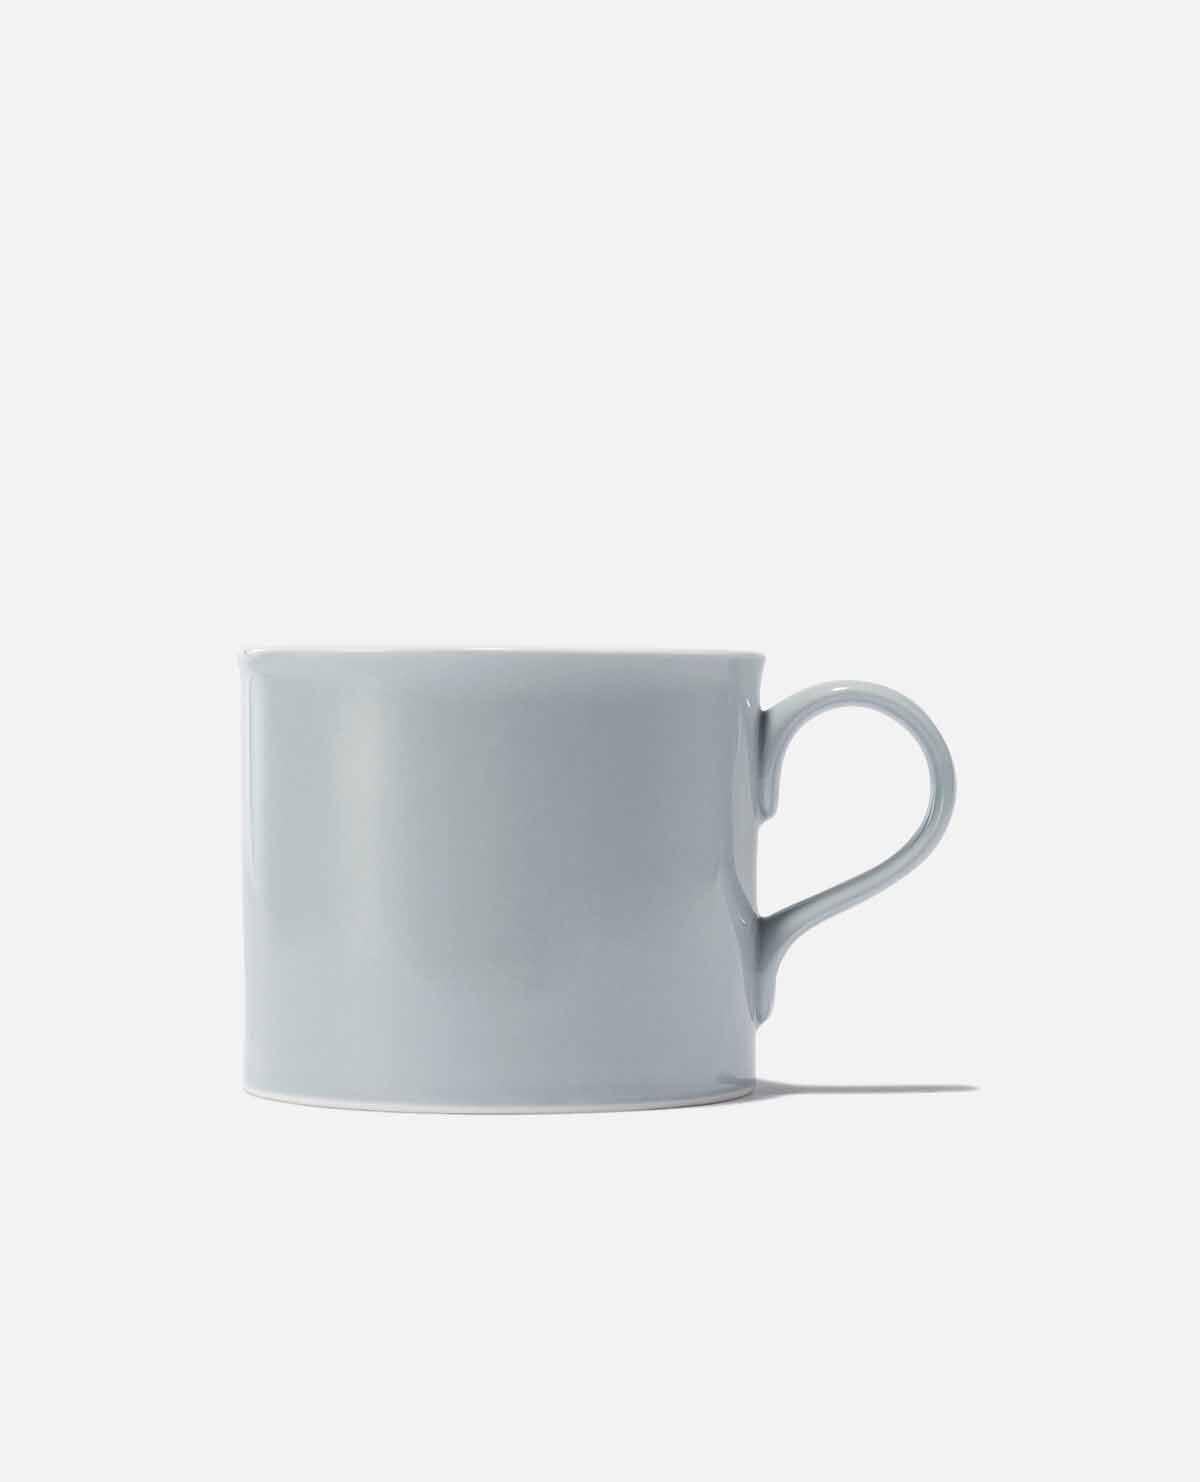 アクセル マグカップ グレー